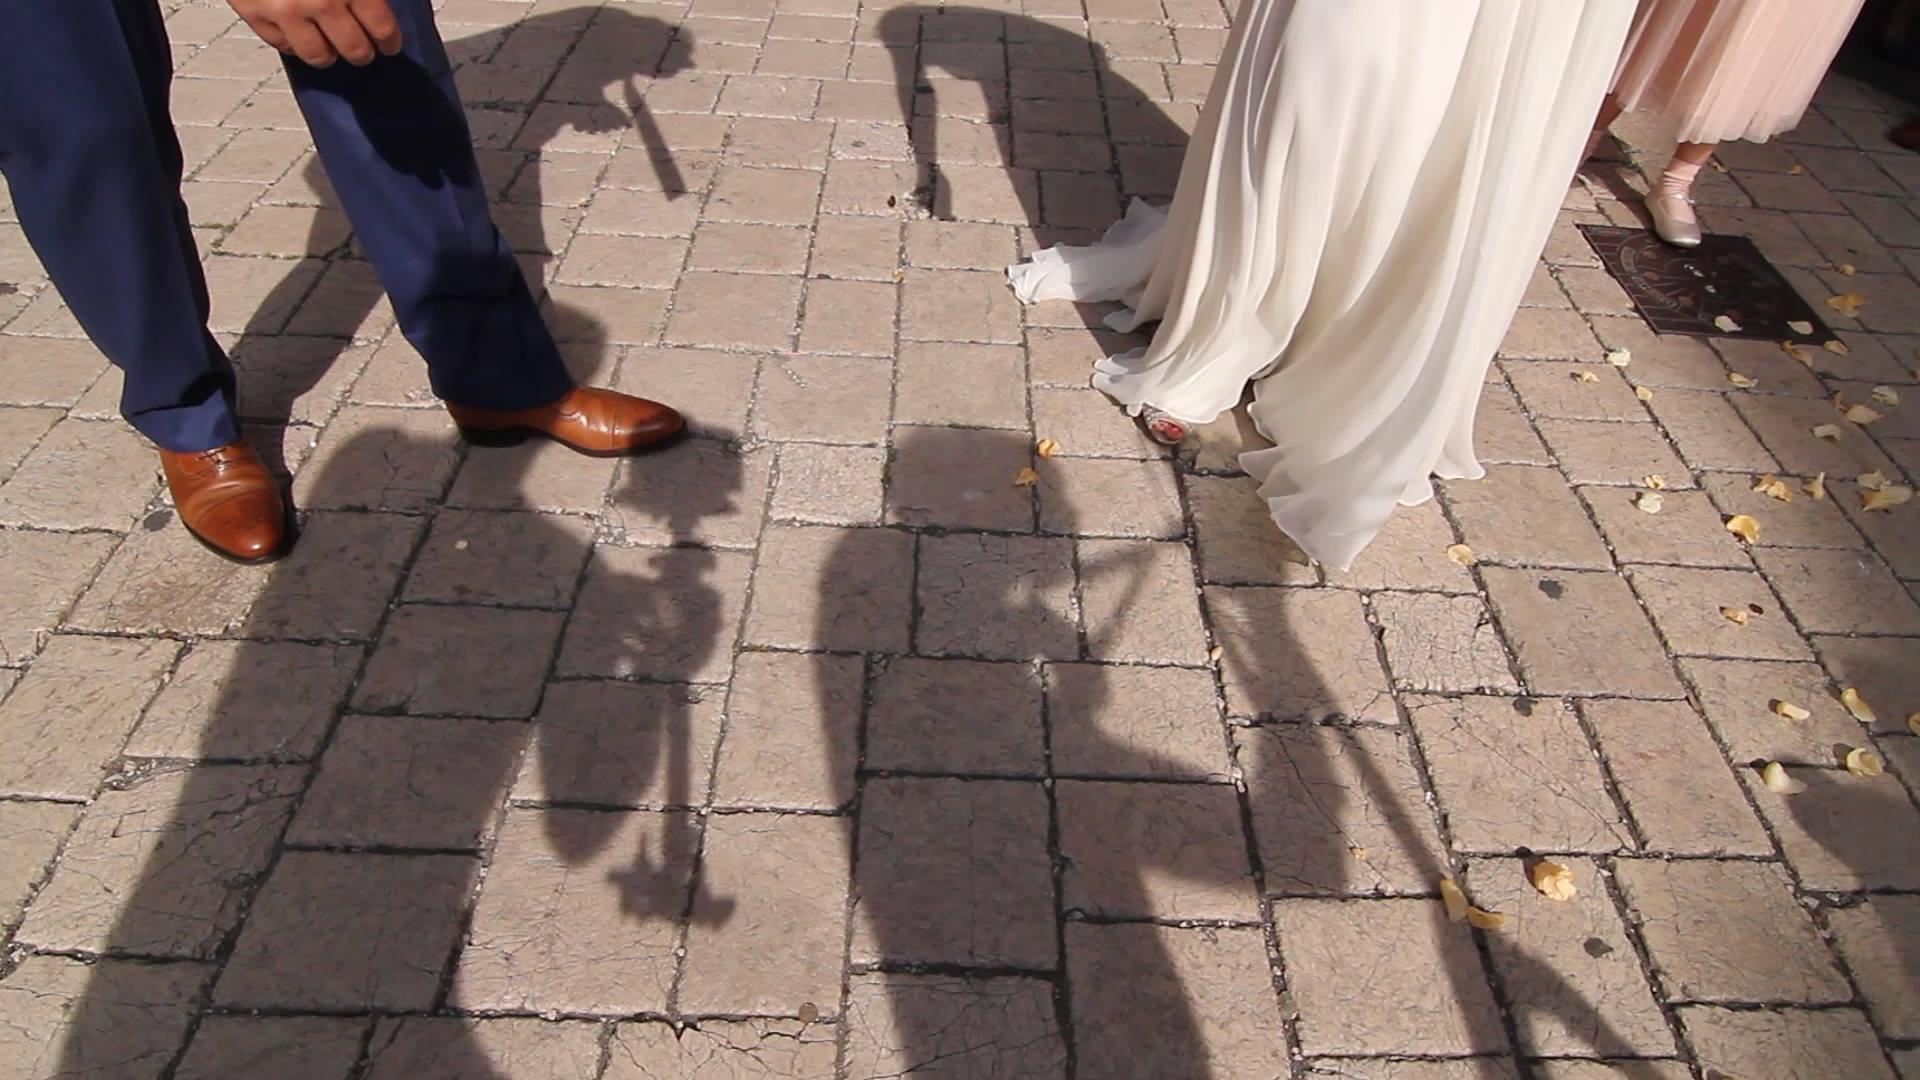 filmowanie ślubów rady